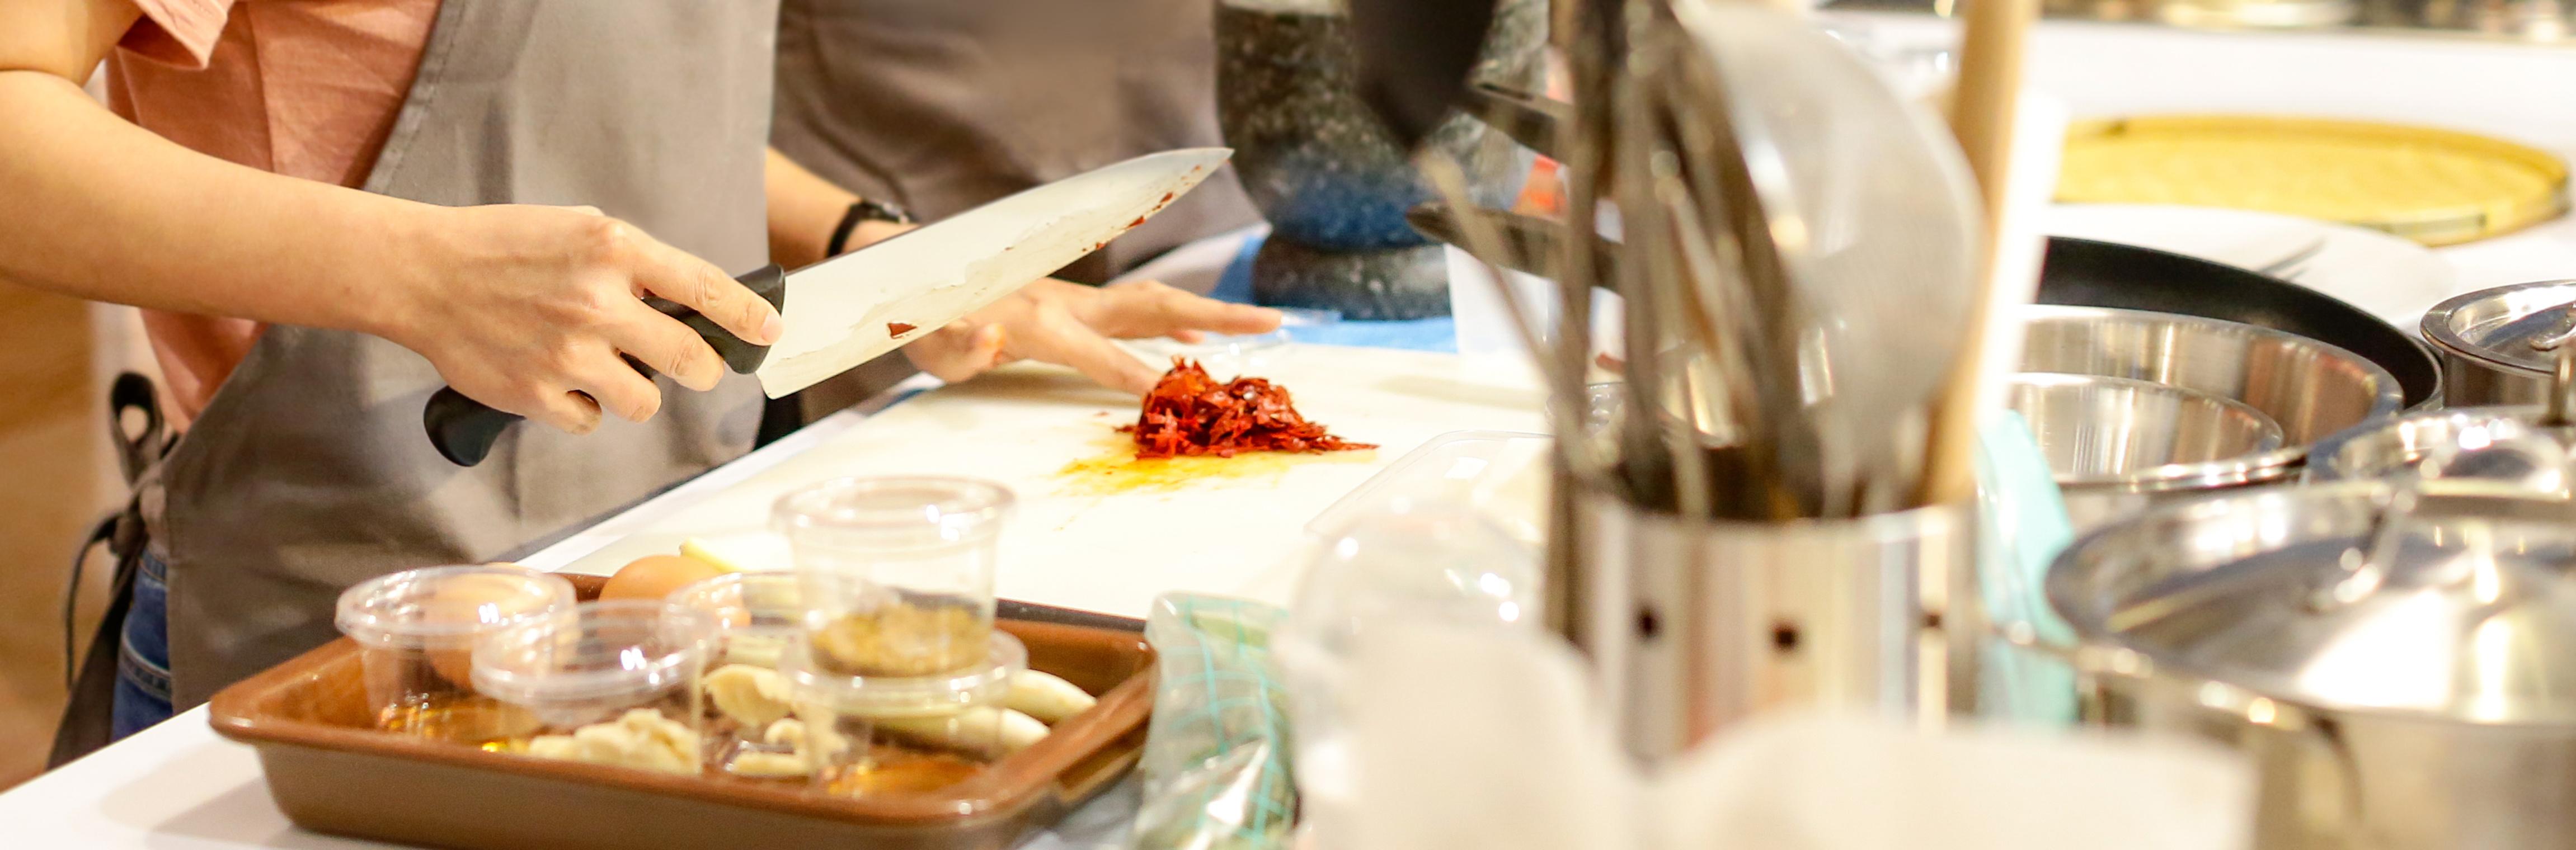 Kochmesser namenhafter Hersteller